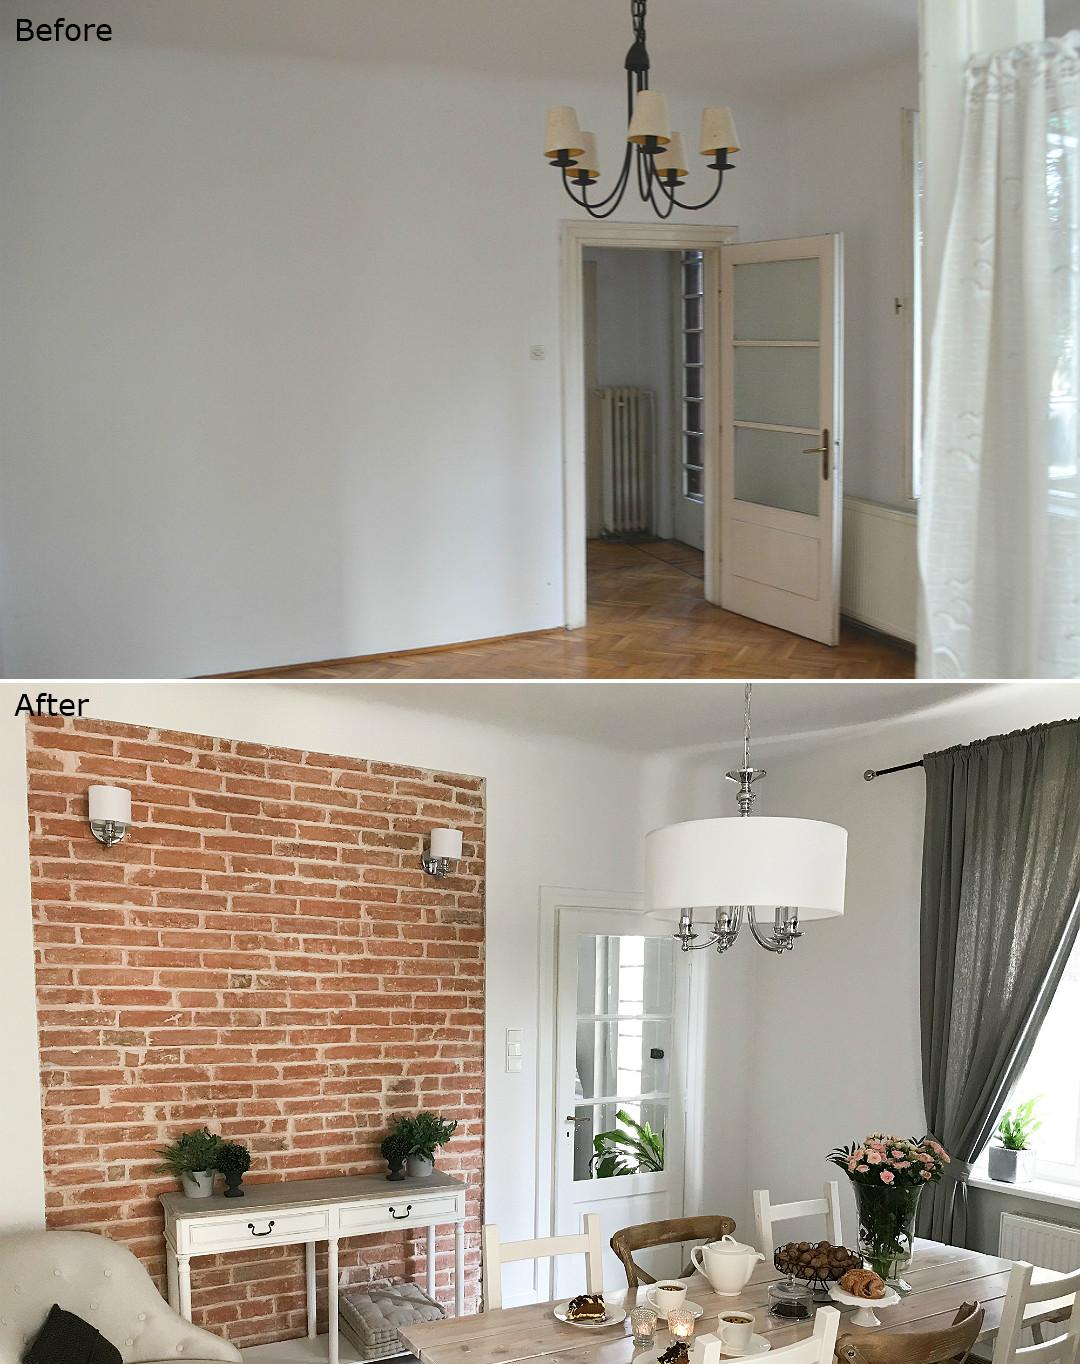 remont starego domu blog metamorfoza wnętrz jadalni przed&po